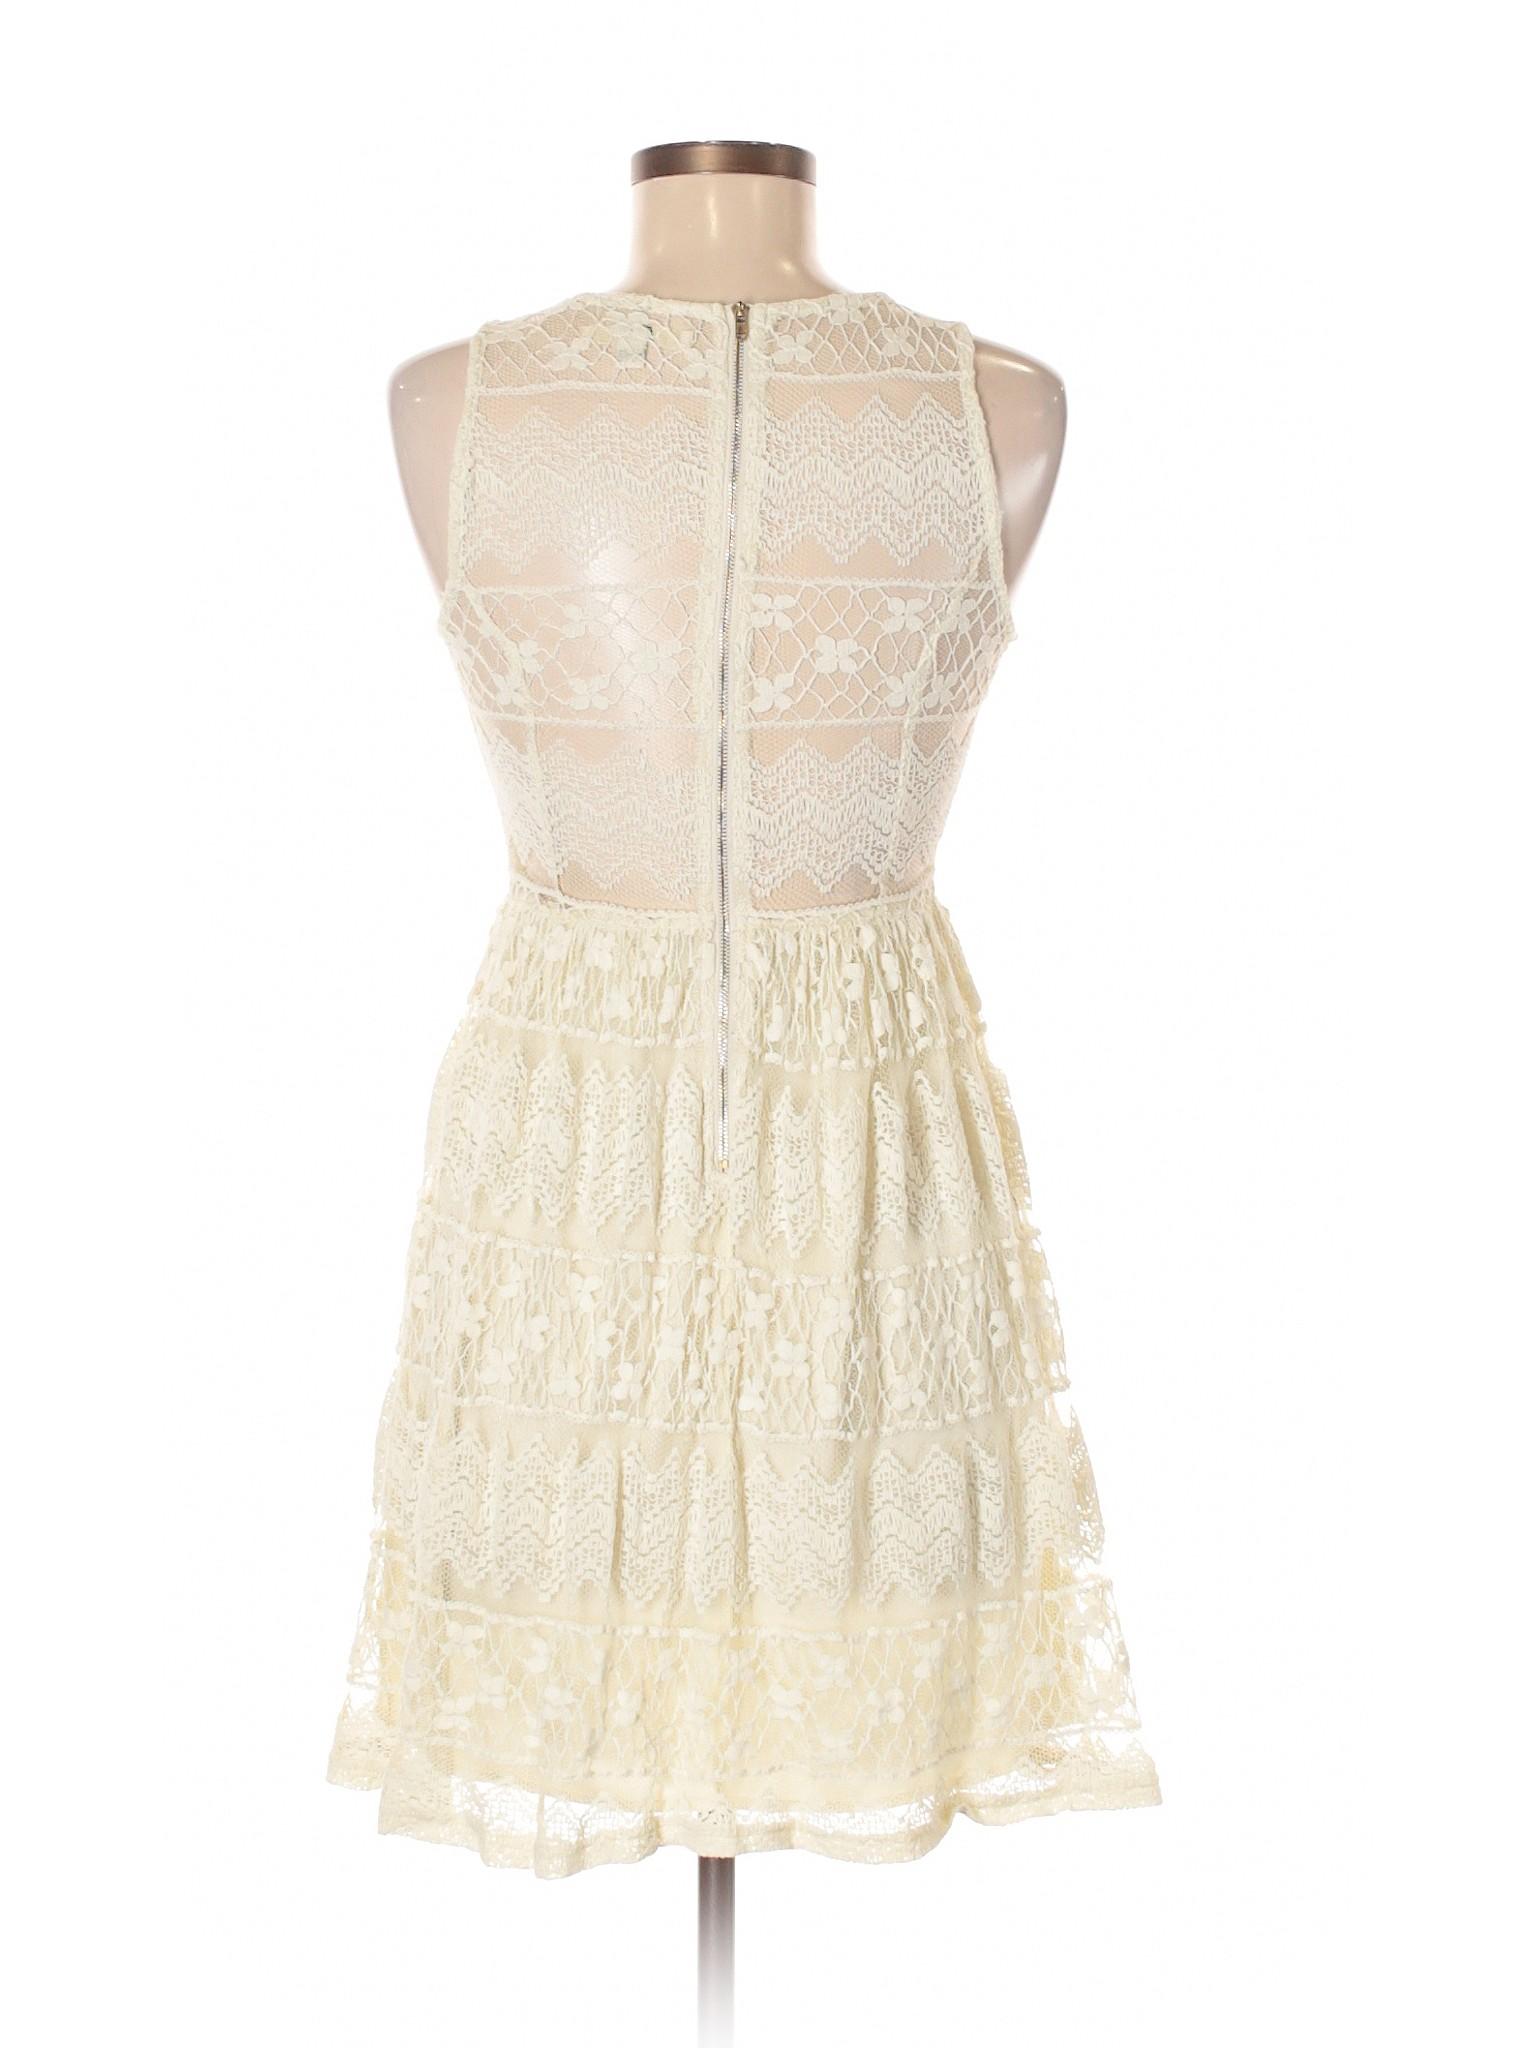 winter Ya Casual Casual Boutique Ya Dress Ya winter winter Dress Boutique Boutique Casual Dress n4F1gw